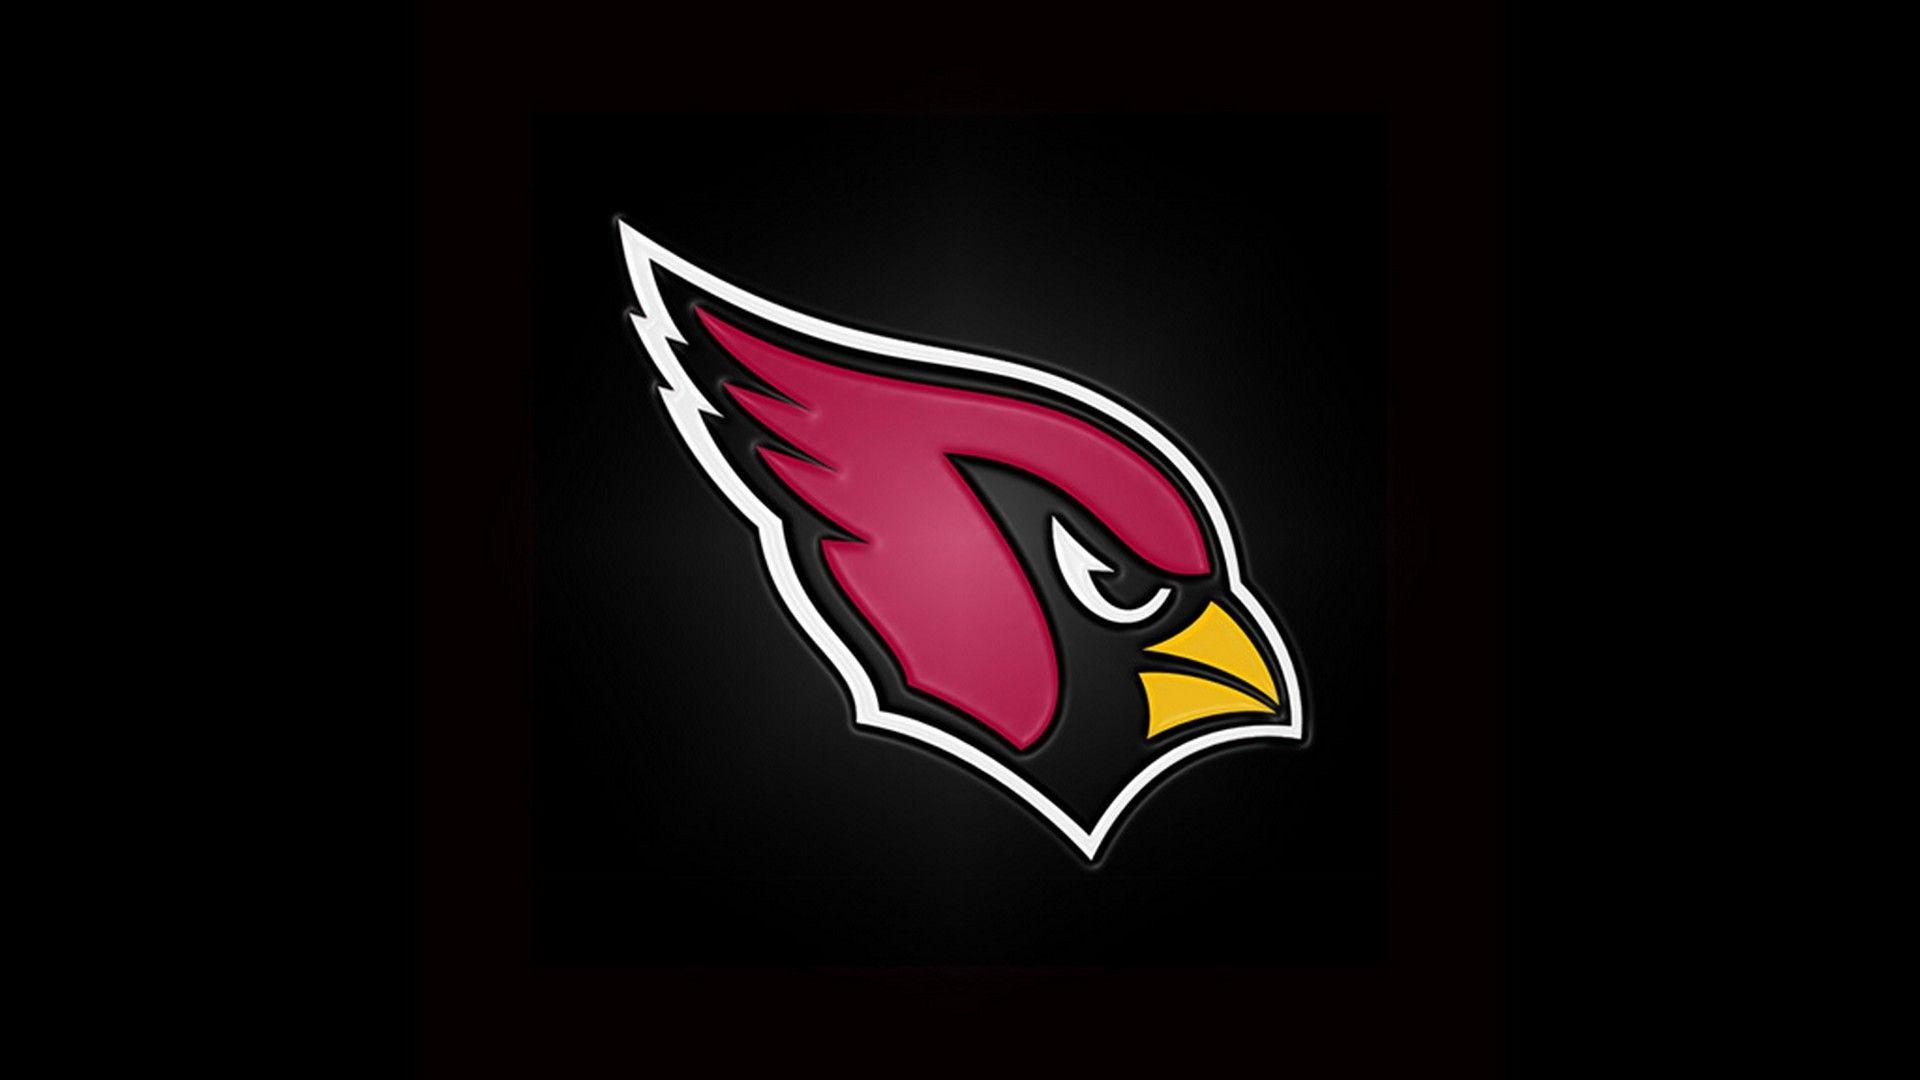 Arizona Cardinals Desktop Wallpaper 2021 Nfl Football Wallpapers Arizona Cardinals Logo Arizona Cardinals Cardinals Logo